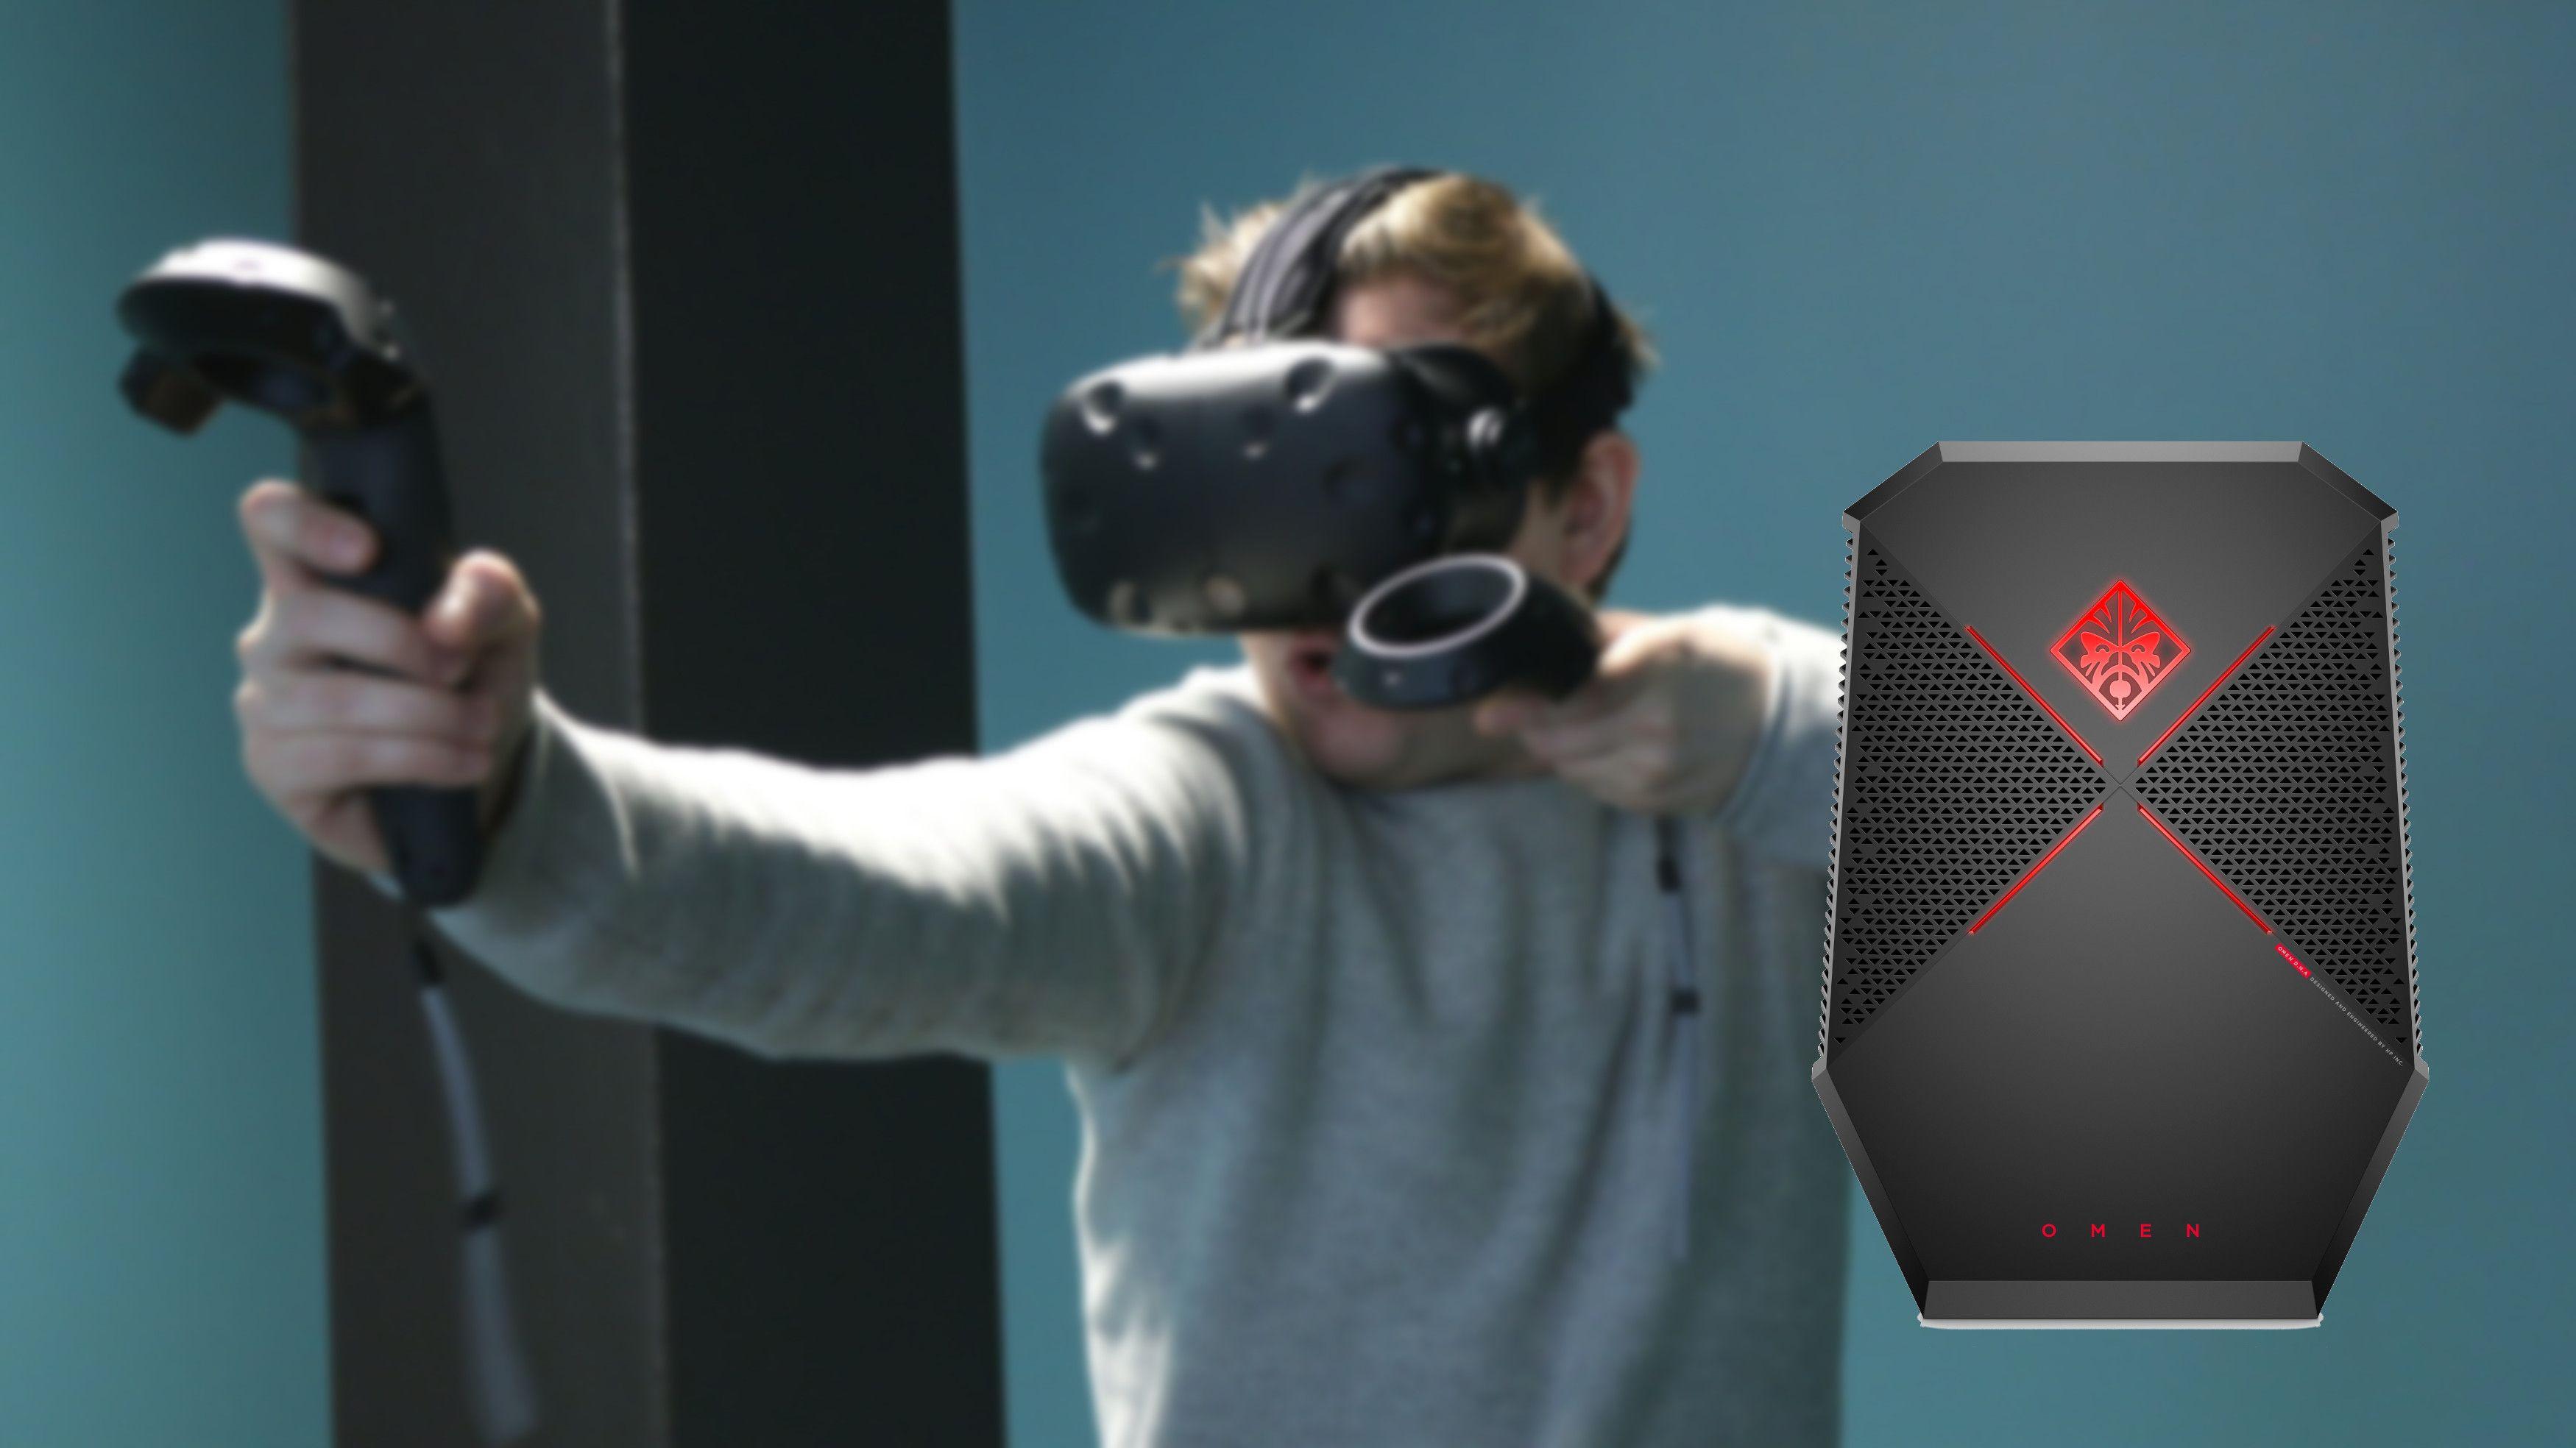 For 39 999 kroner kan du slenge et GTX 1080 på ryggen